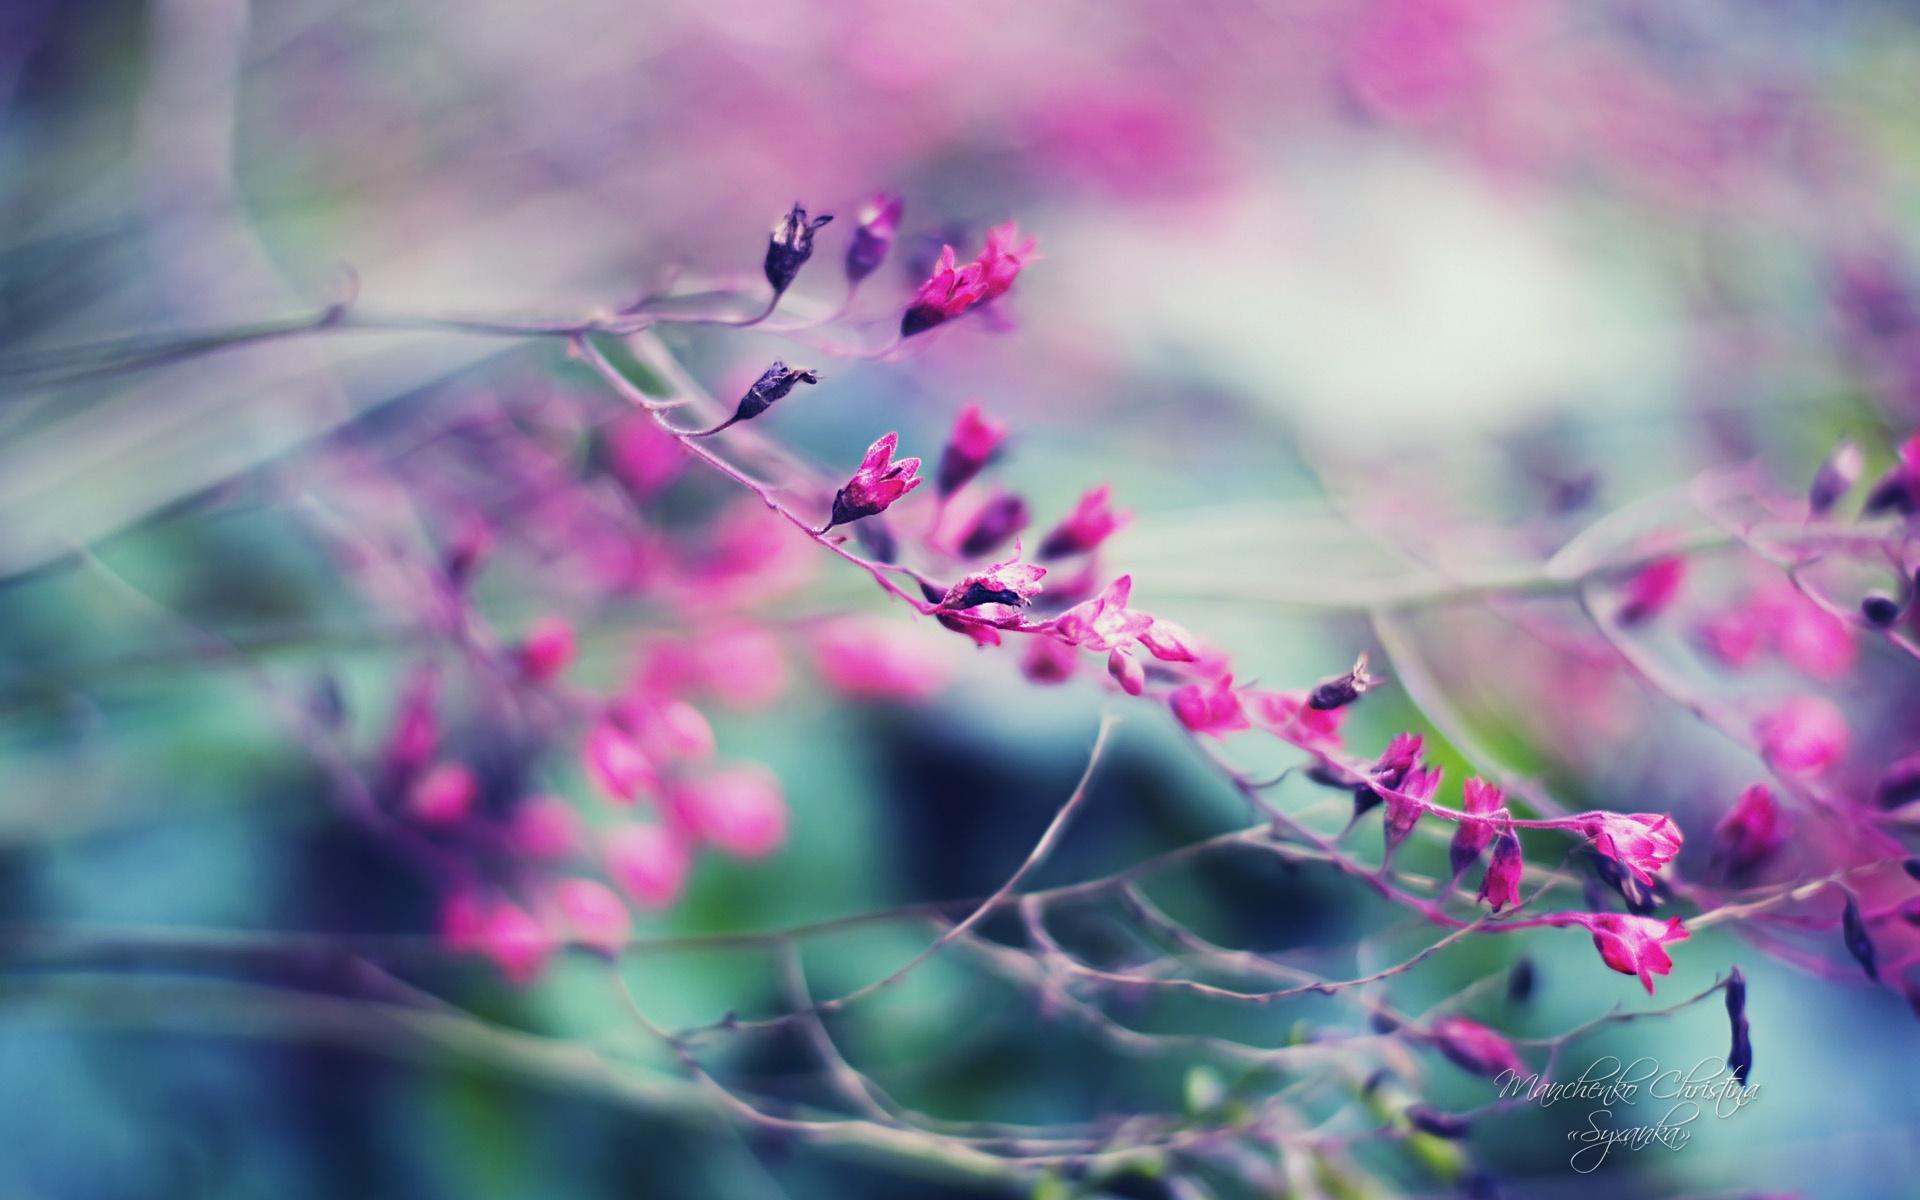 Sfondi hd bellissimi fiore viola sfondi hd gratis for Immagini 3d hd